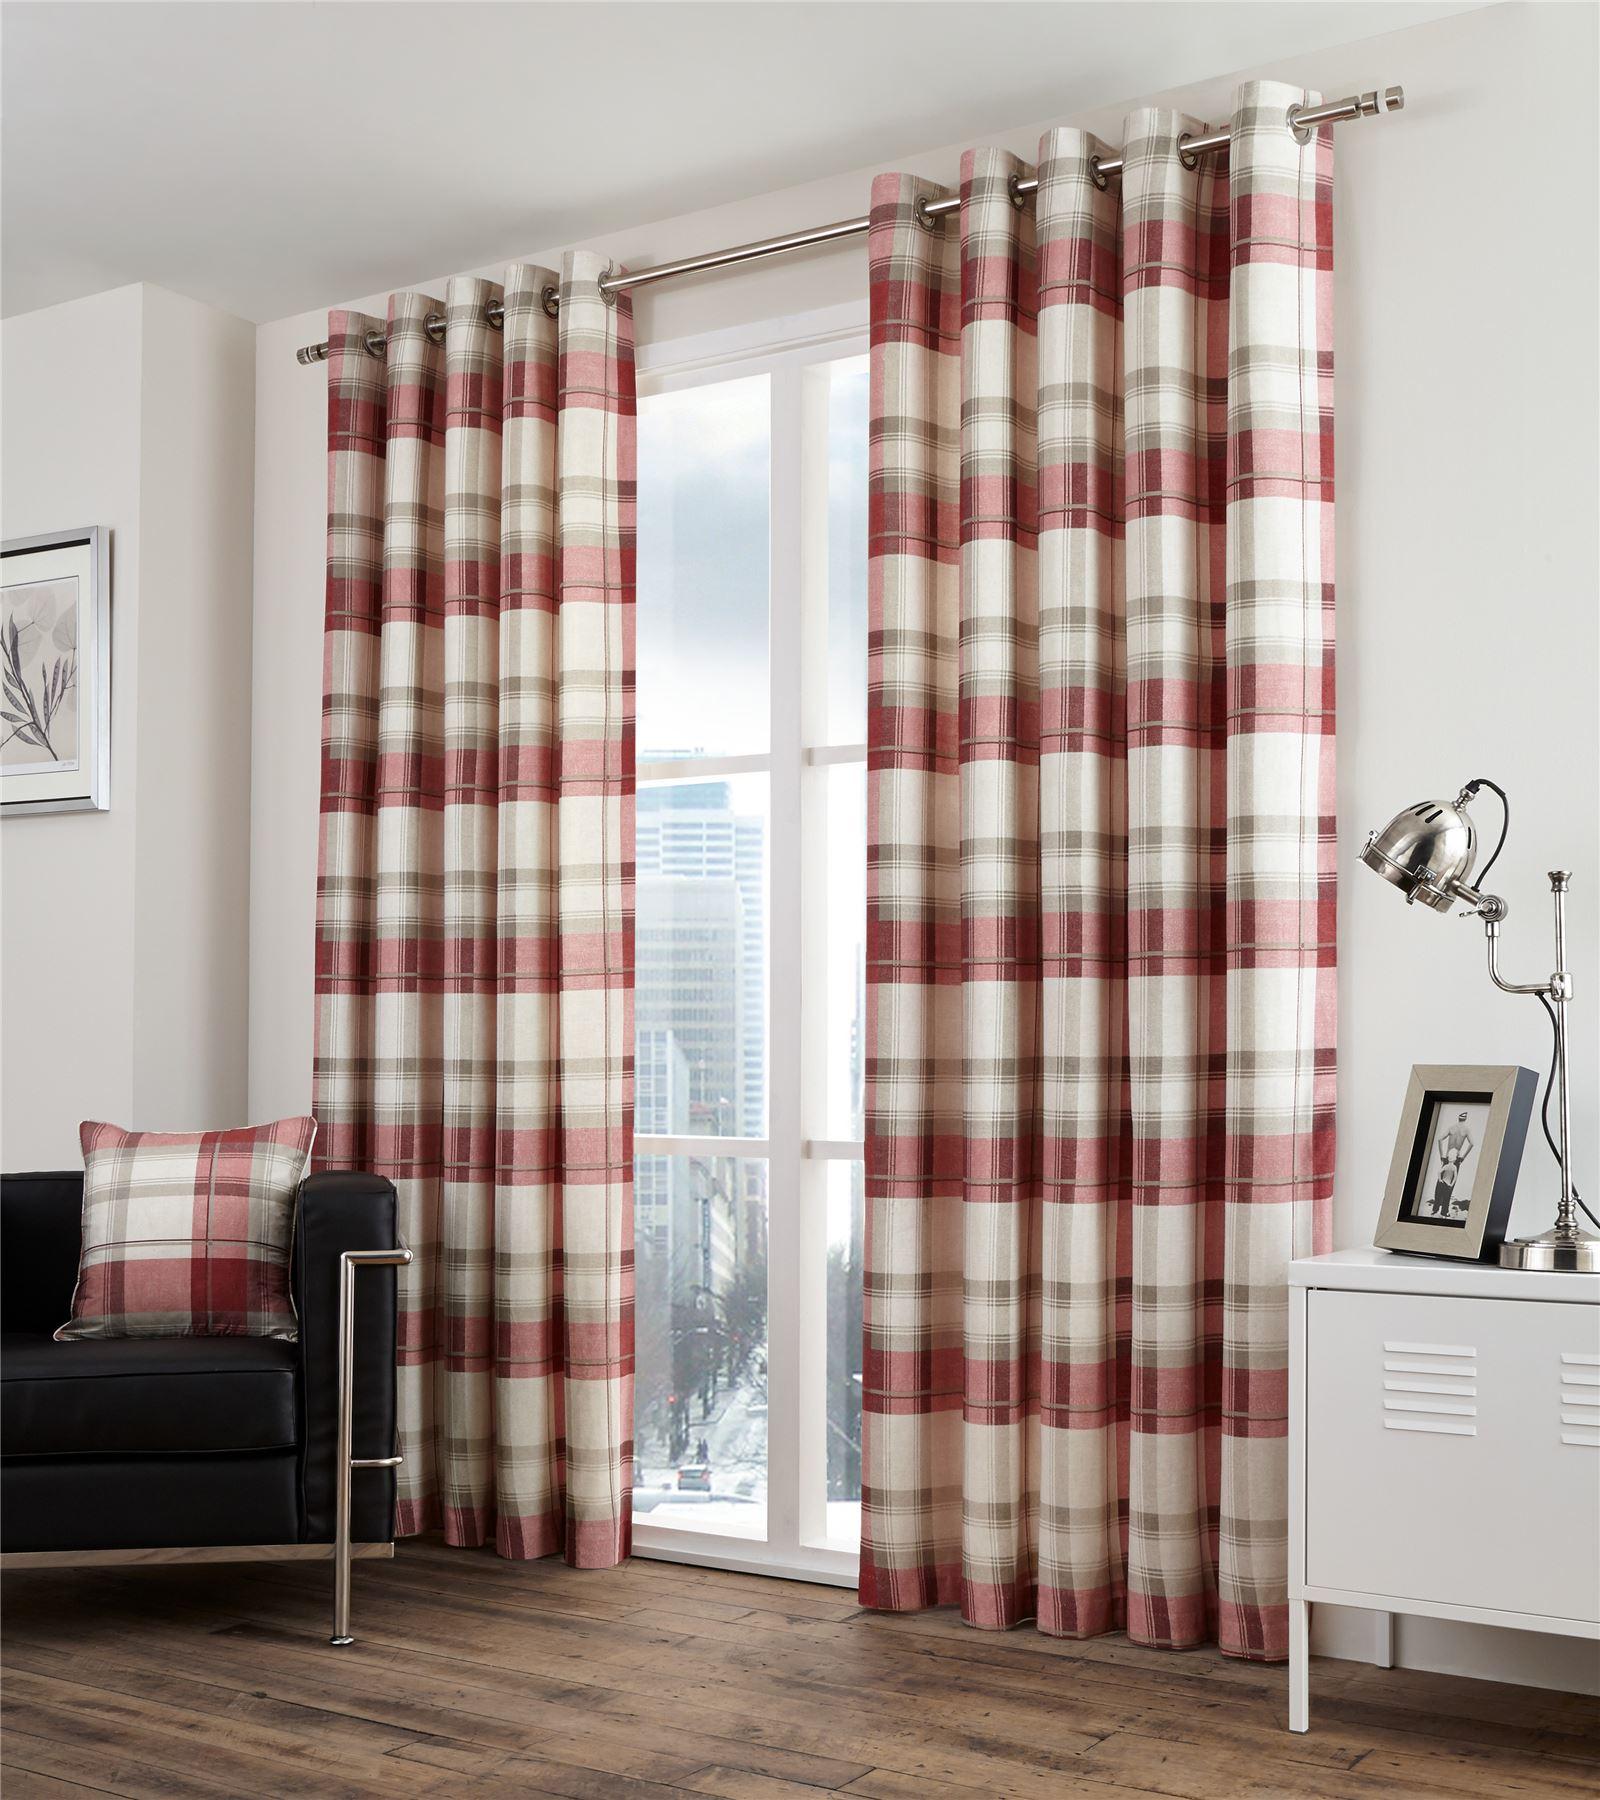 Plaid carreaux doublé rouge beige doublé carreaux 100% coton rideaux à anneaux  7 tailles 700f6d